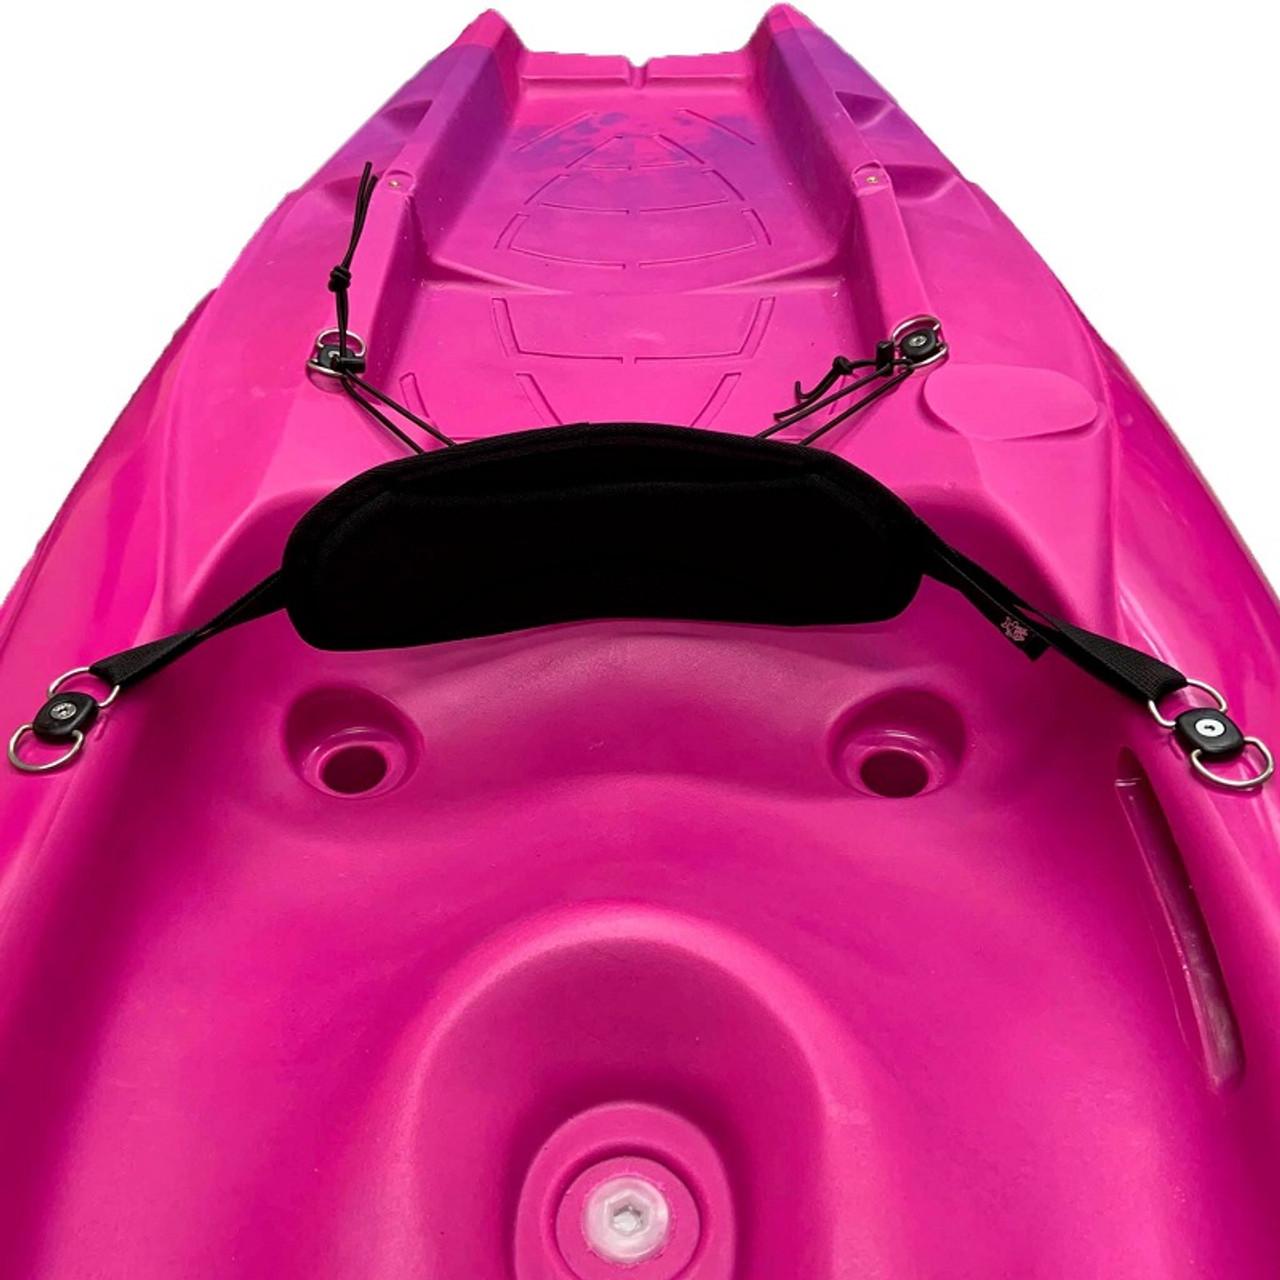 Pyranha surf jet kayak backstrap support seat